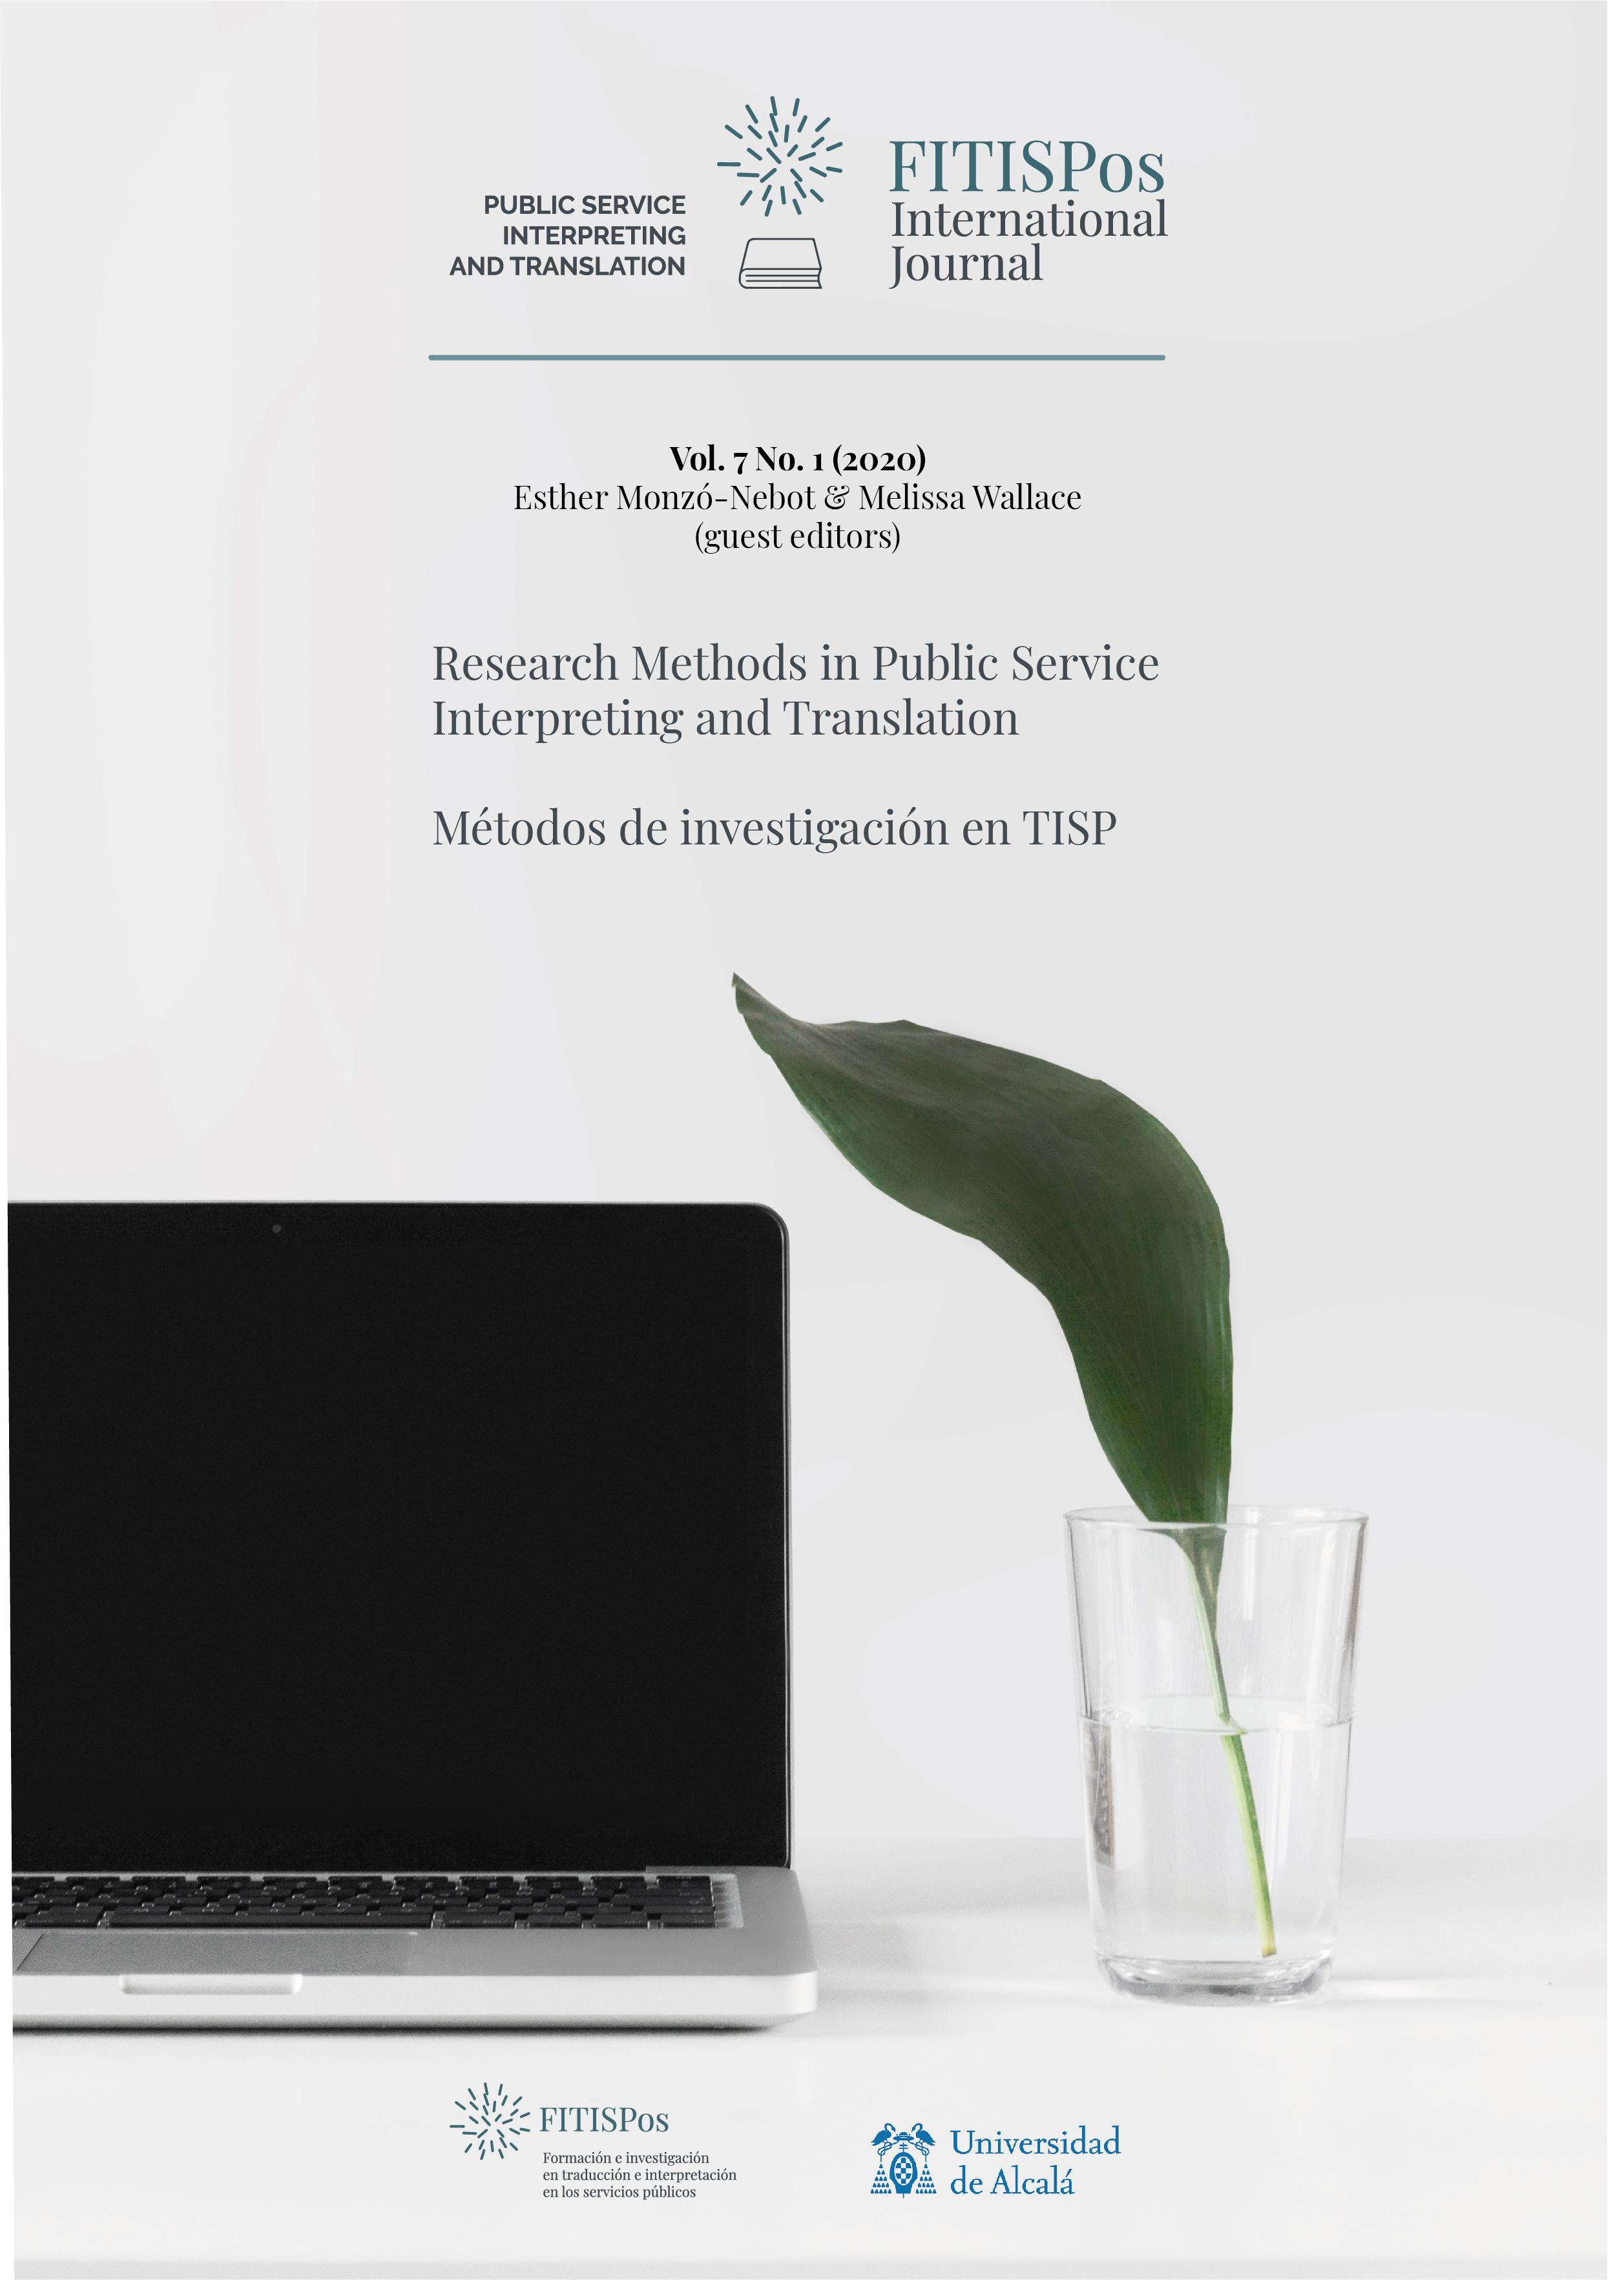 View Vol. 7 No. 1 (2020): Research Methods in Public Service Interpreting and Translation/Métodos de investigación en TISP